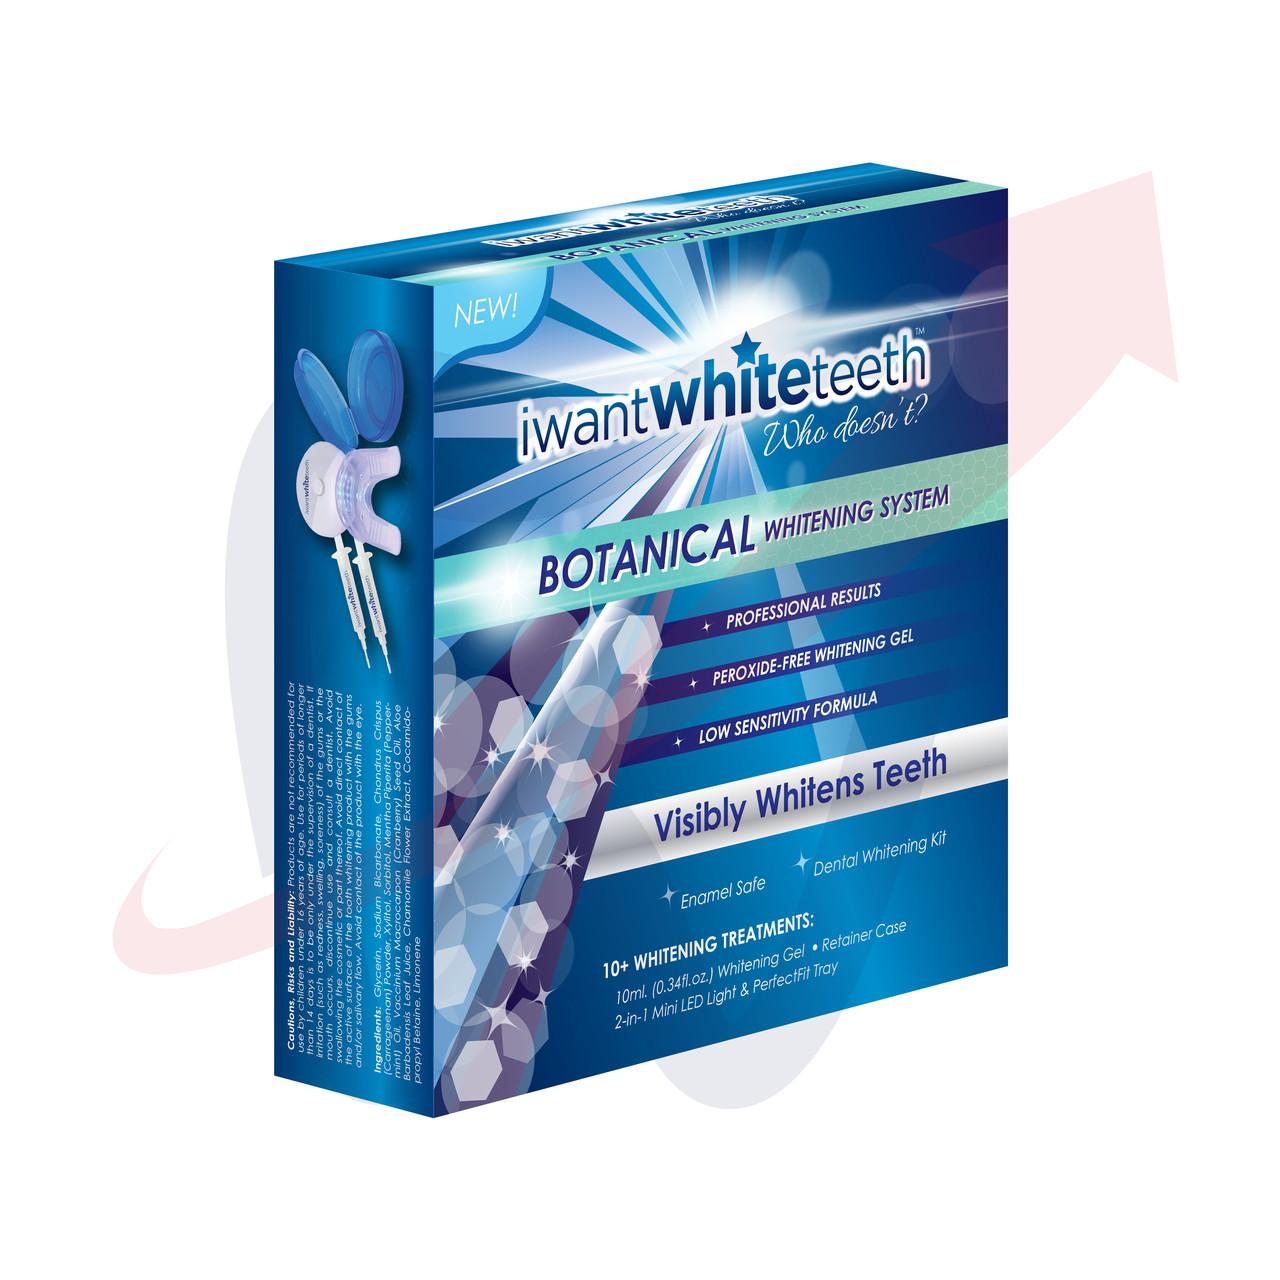 Botanical Teeth Whitening Kit Iwantwhiteteeth Wsd Labs Usa